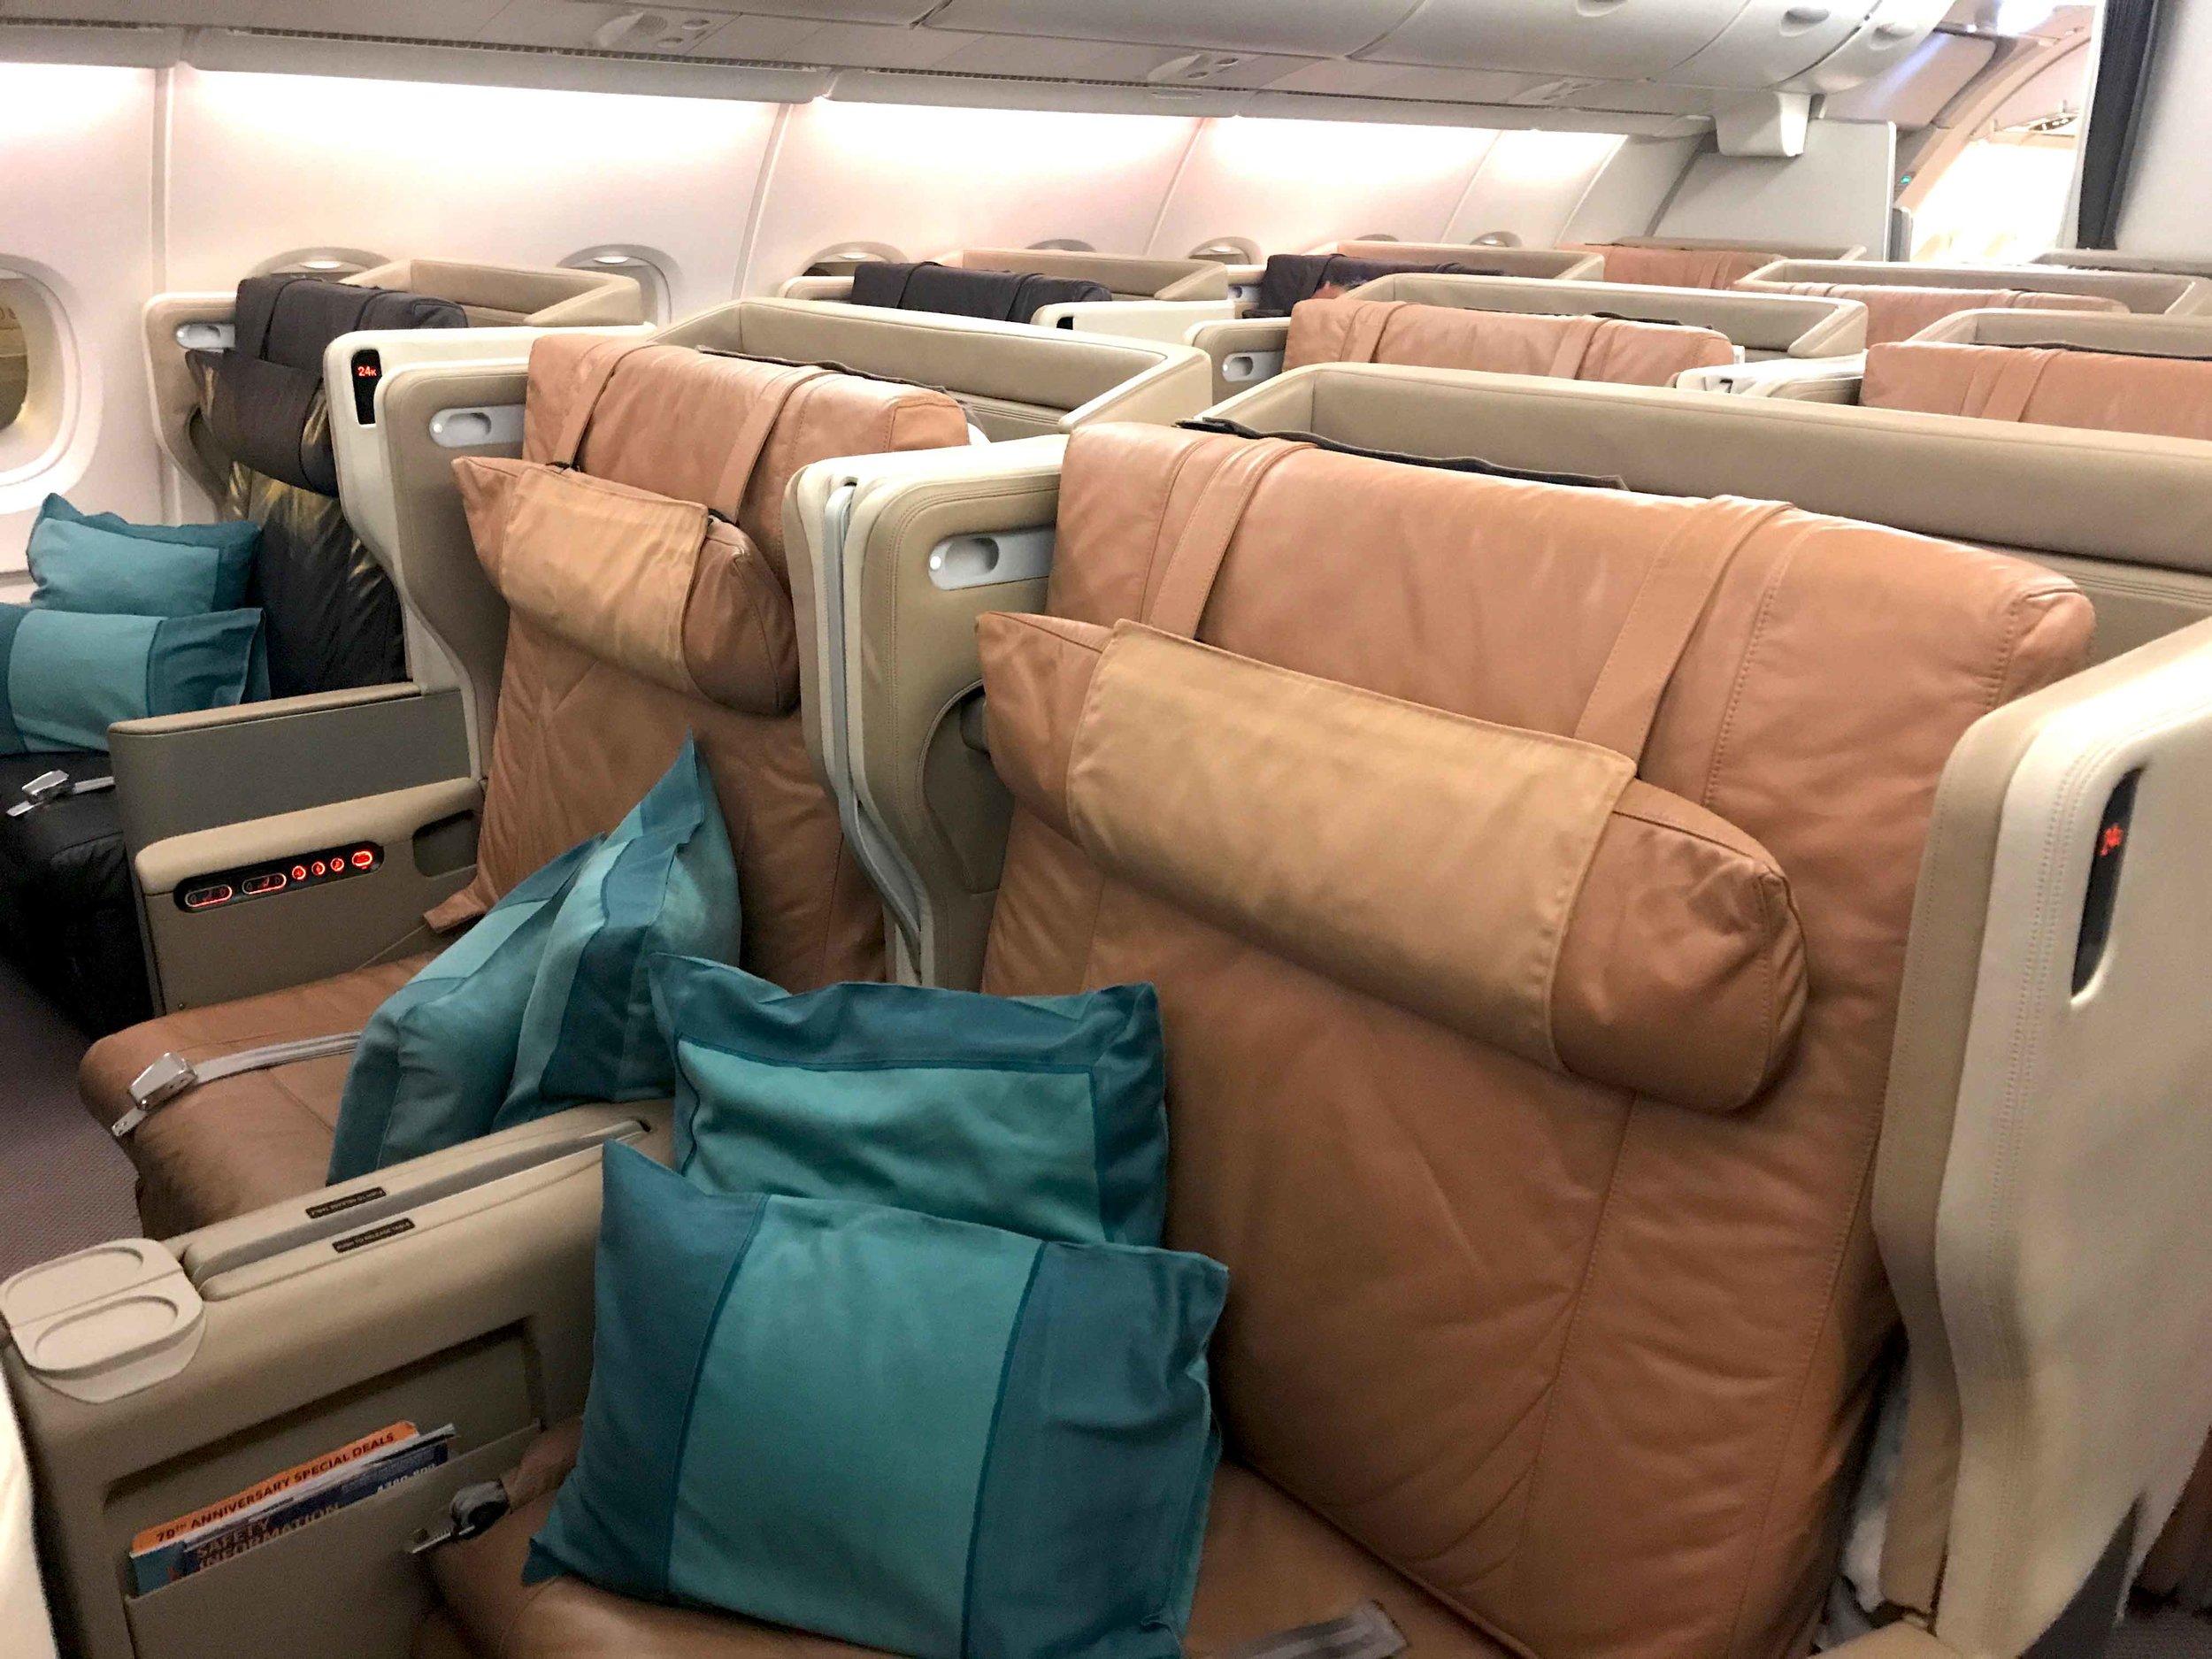 Singapore Air,Delhi to Singapore, Business Class,A380. Image©thingstodot.com